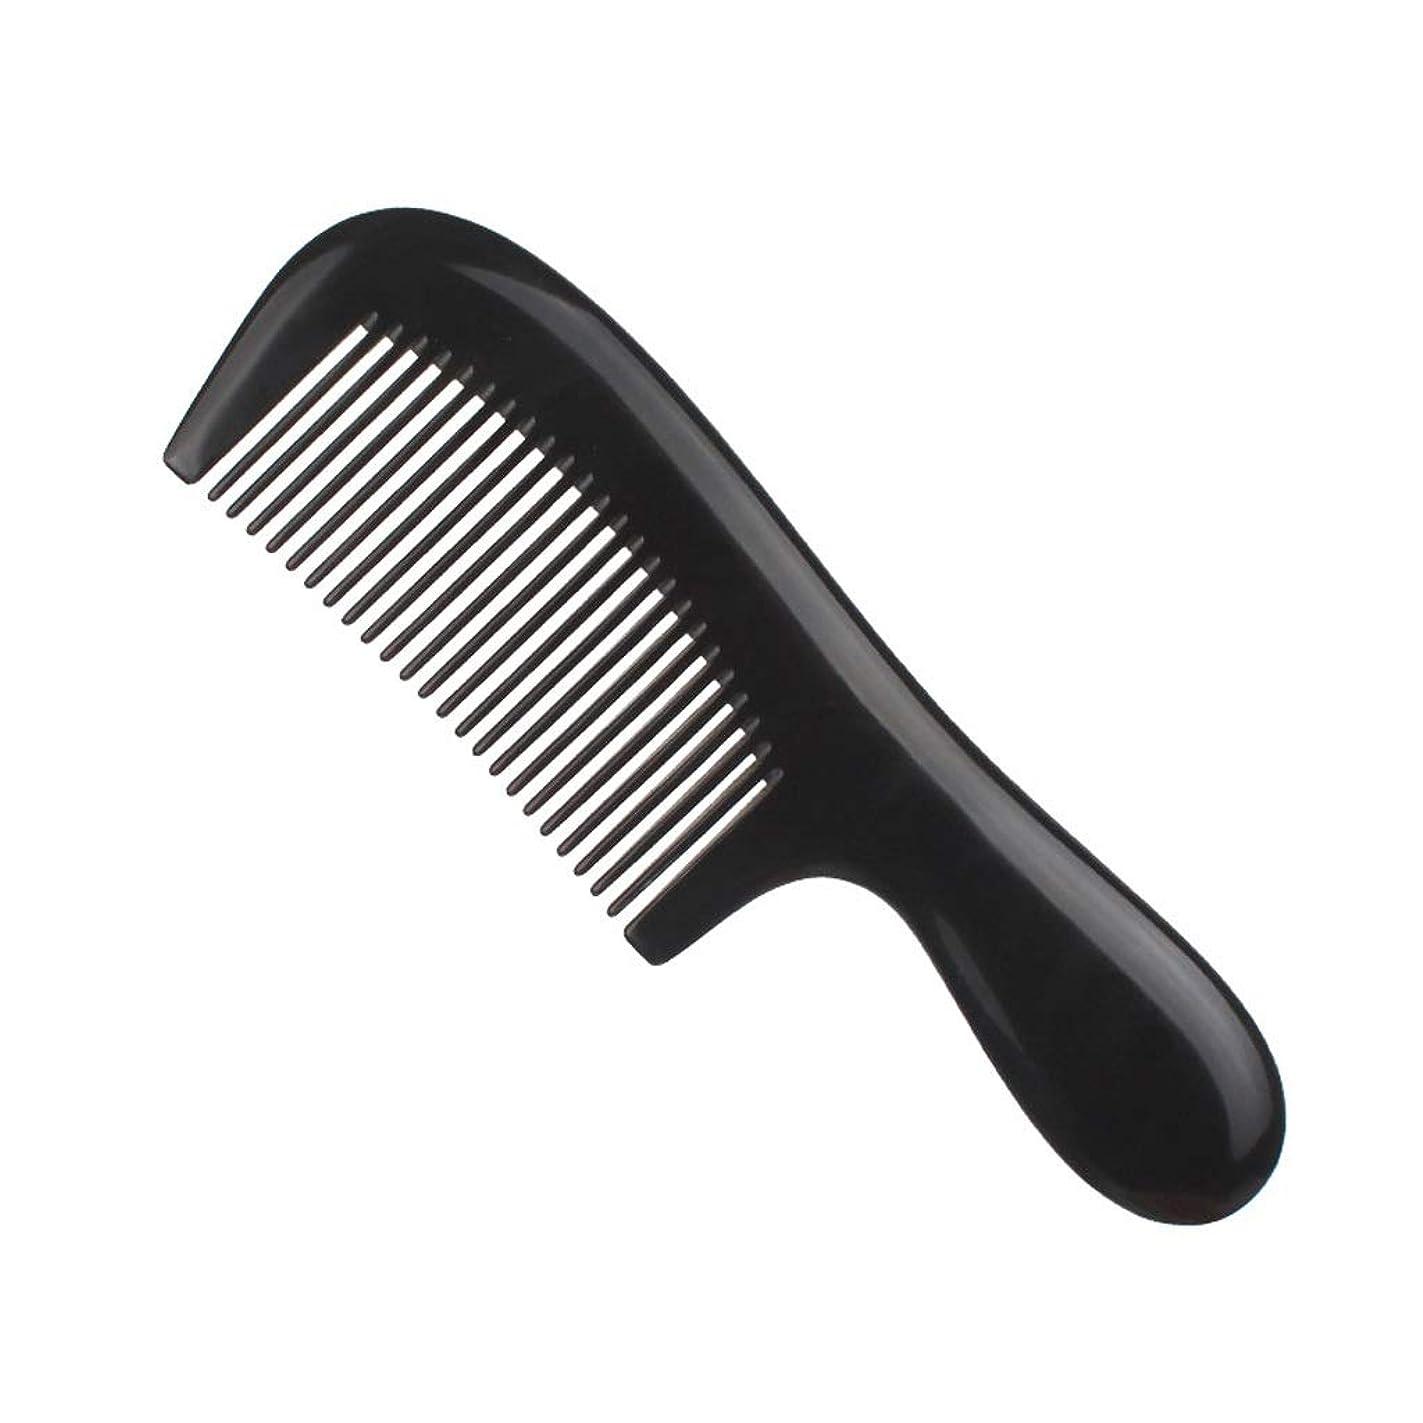 一生ブランド名解釈ブラックバッファローホーンくし、家庭用ポータブル大型ワイド歯、ストレートヘアロングヘアメイクくし頭皮マッサージ旬髪の静電気防止、男性、女性の髪のくし (Size : B)